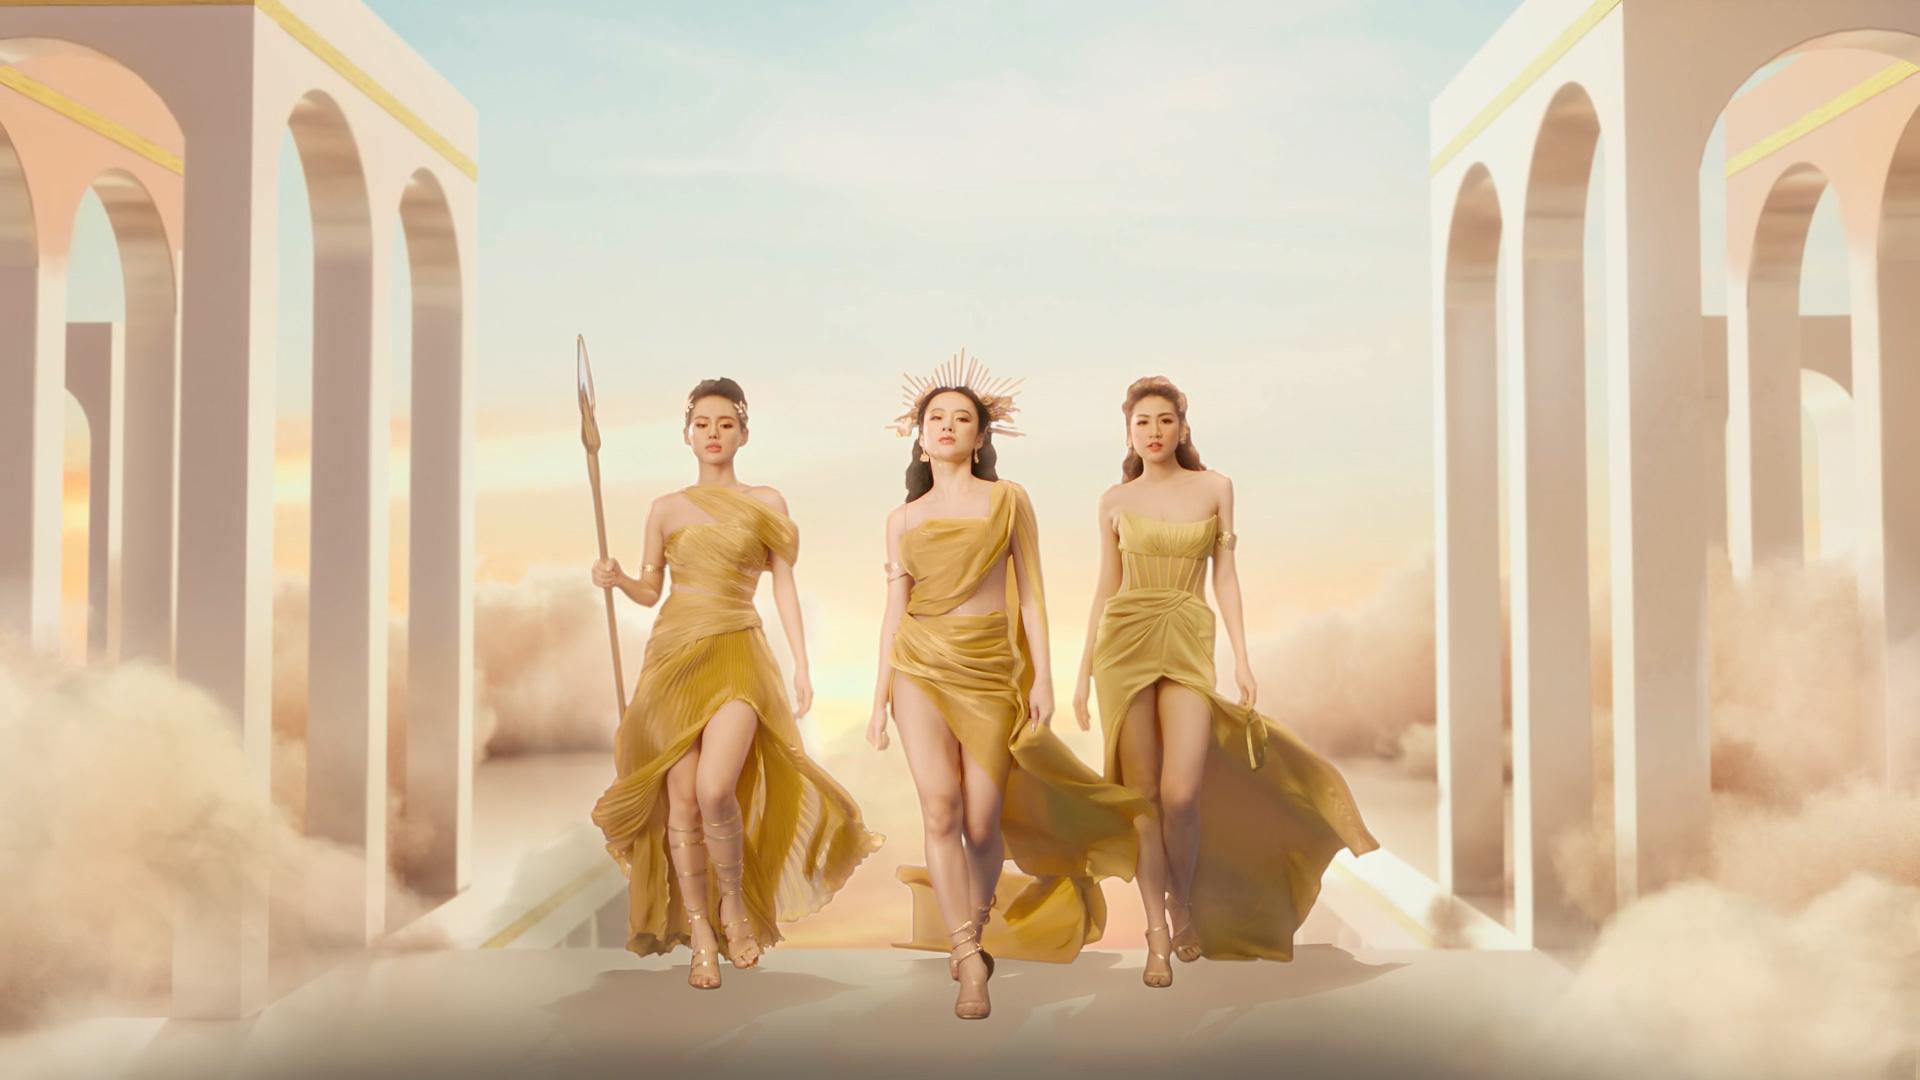 """Angela Phương Trinh chính thức trở lại, cạnh tranh """"nhan sắc nữ thần cùng Tú Anh và Khánh Linh - Ảnh 1."""